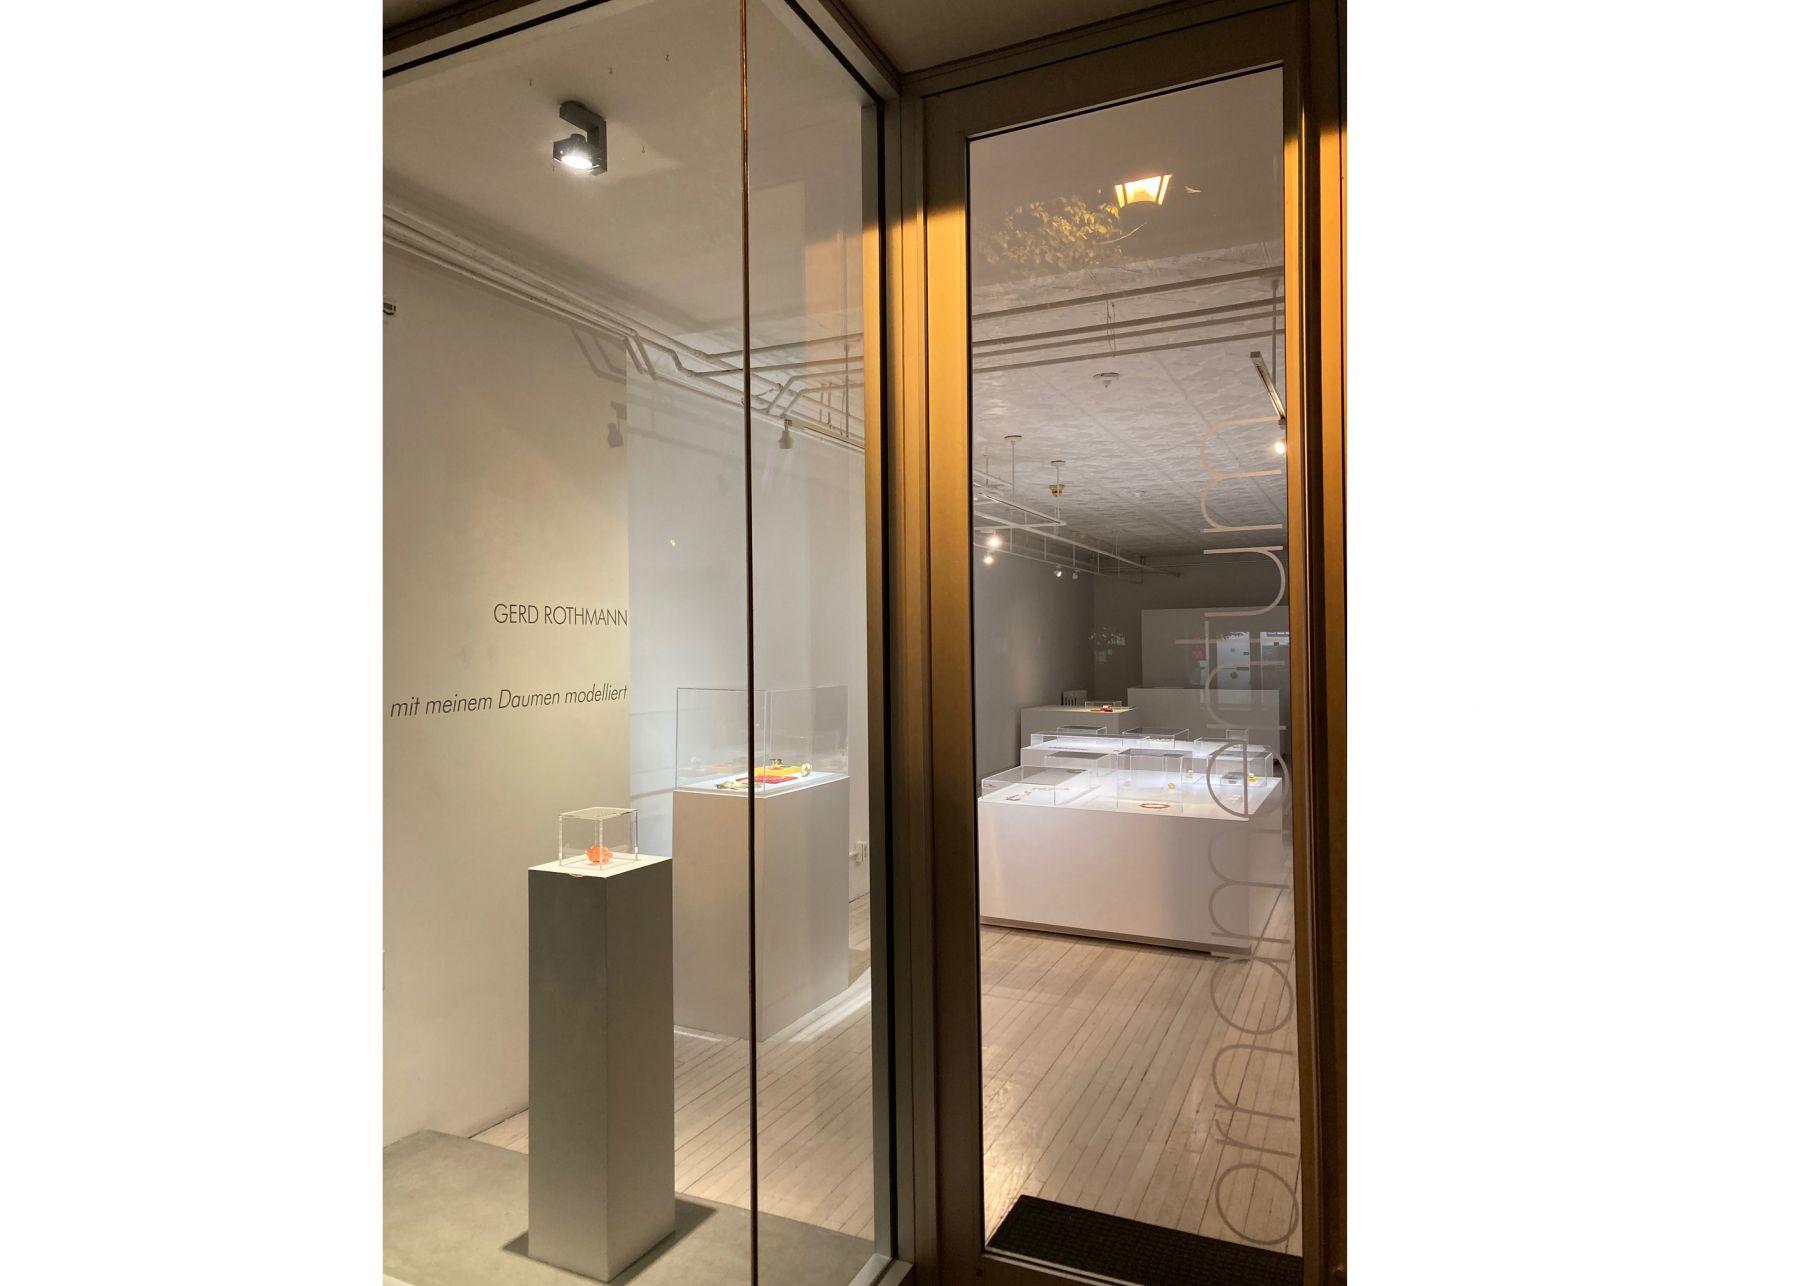 Ornamentum Gallery, entree. Gerd Rothmann, Gelbe Blume, ring, 2021. Foto Ornamentum Gallery, gevel, tentoonstelling